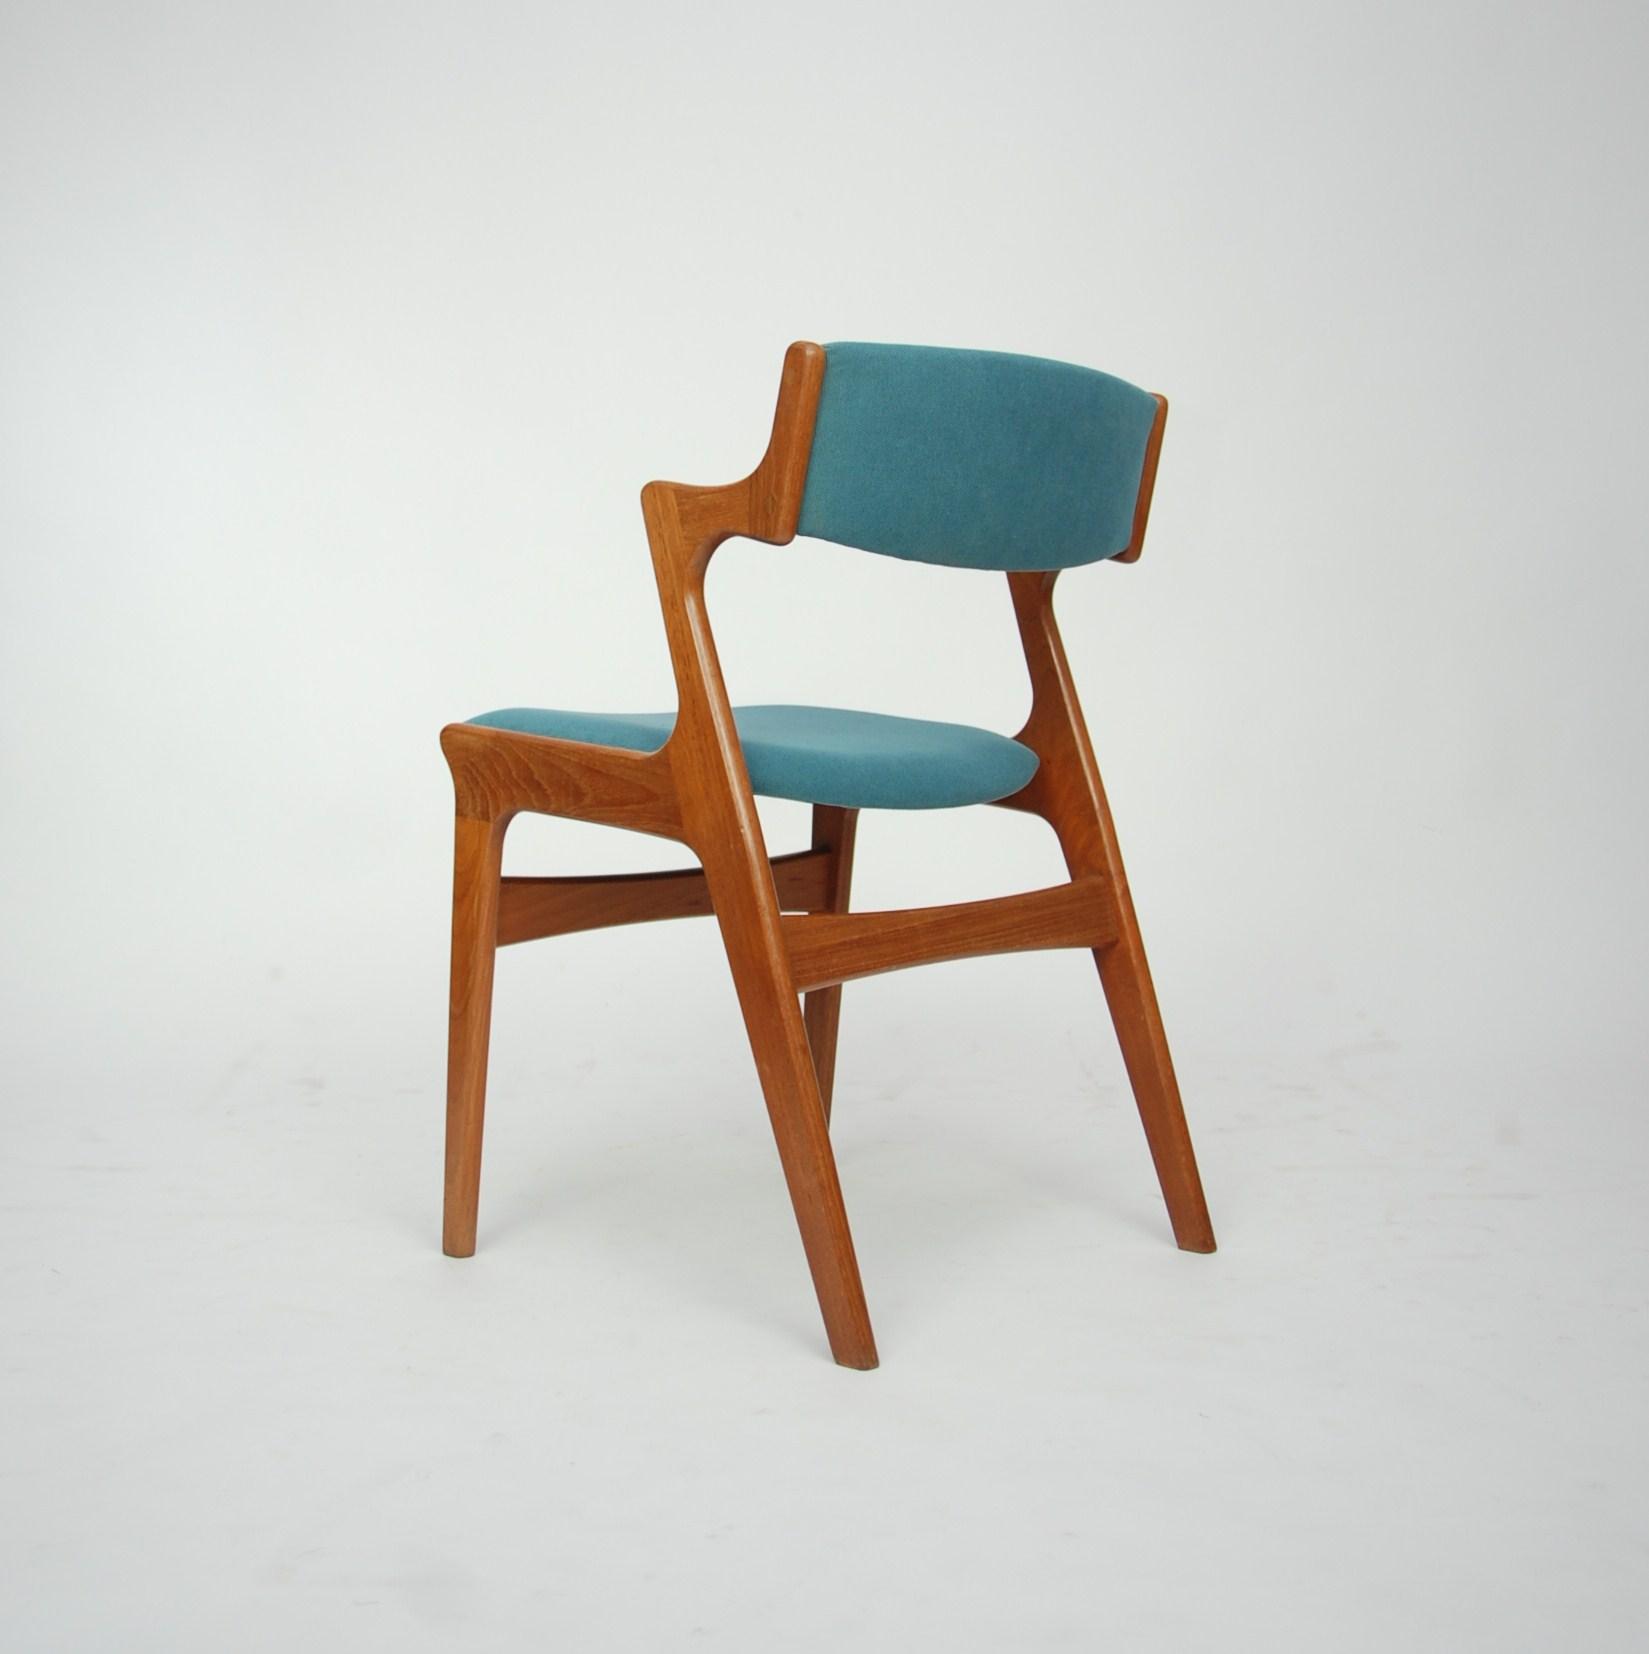 ... pl ? 4 x krzes?o tekowe. Modernistyczne zetki NOVA MOBLER id 210212